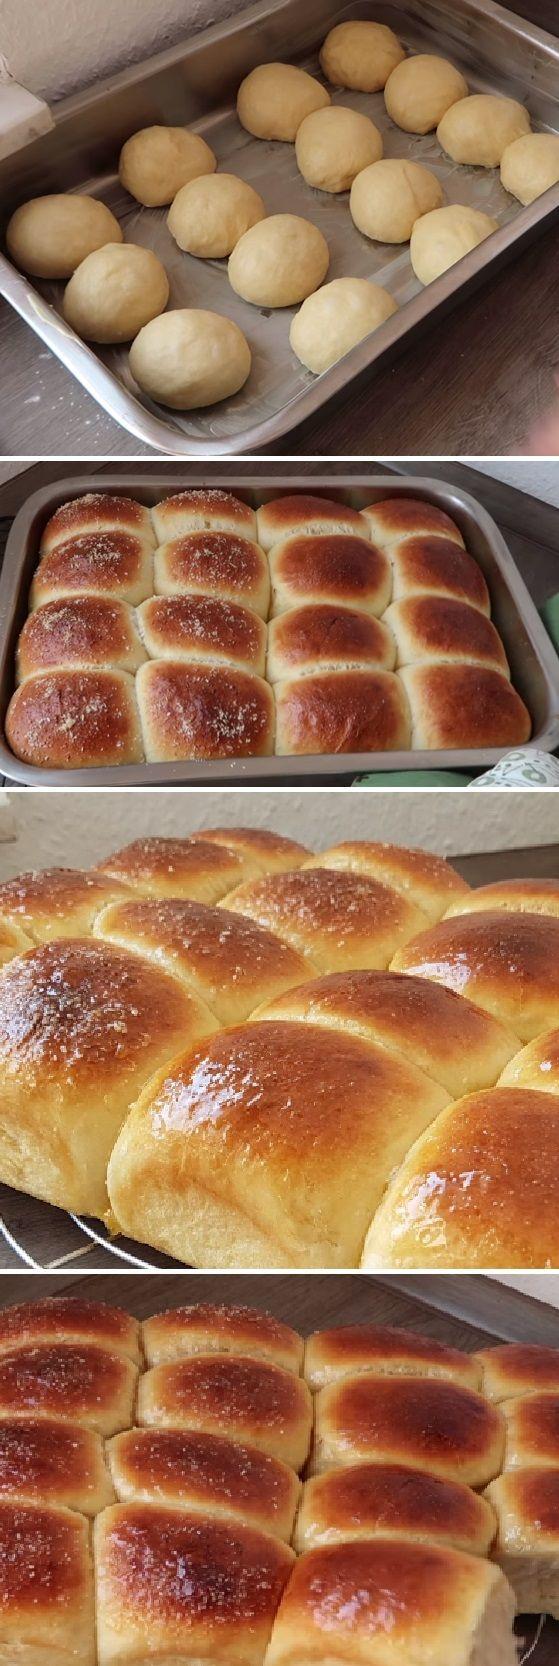 El día de hoy haremos unos Panecillos de leche dulces súper tiernos y esponjosos. Además con un sabor espectacular. . #dulces #chantilly #leche #polvo #crema #yogurt #comohacer #receta #recipe #casero #torta #tartas #pastel #nestlecocina #bizcocho #bizcochuelo #tasty #cocina #chocolate #pan #panes Si te gusta dinos HOLA y dale a Me Gusta MIREN …